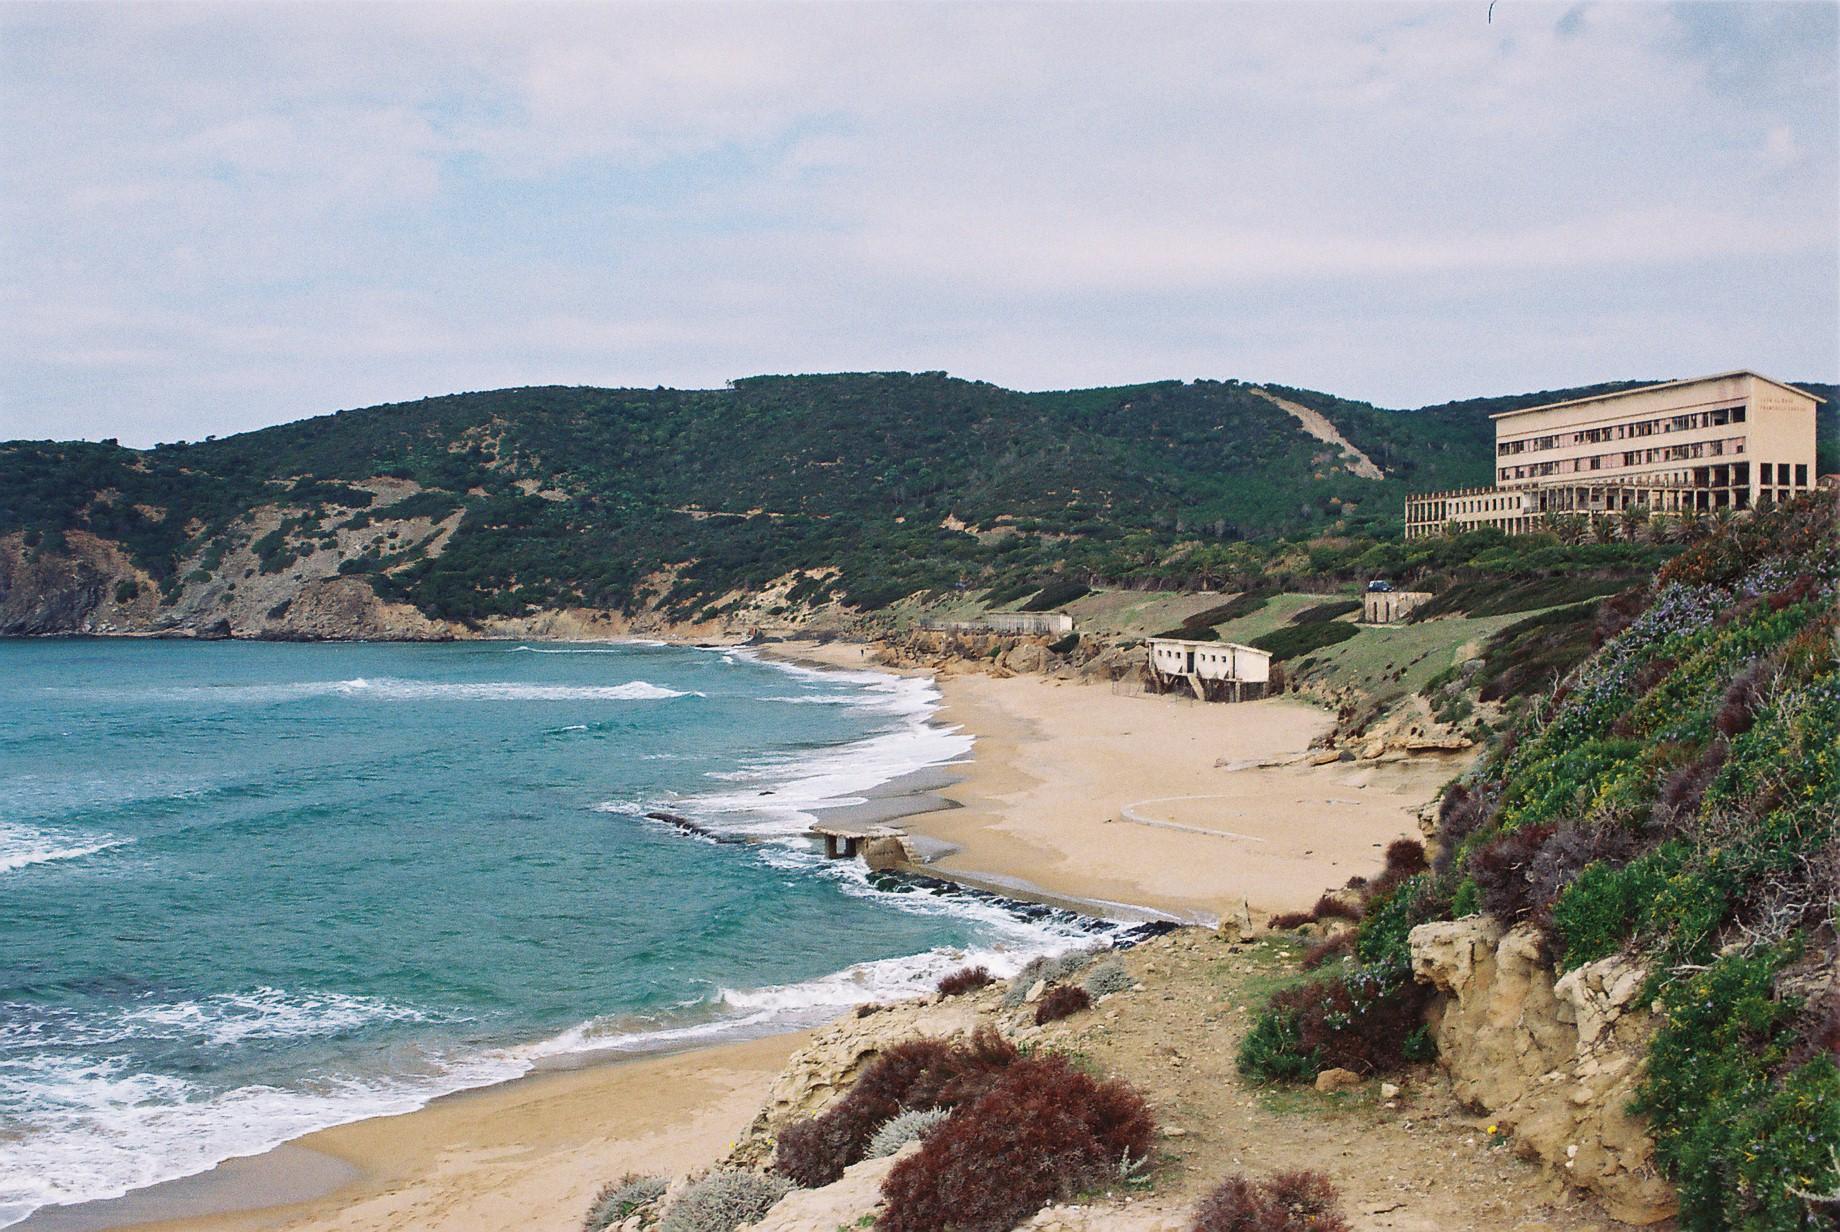 Colonia Marina Funtanazza